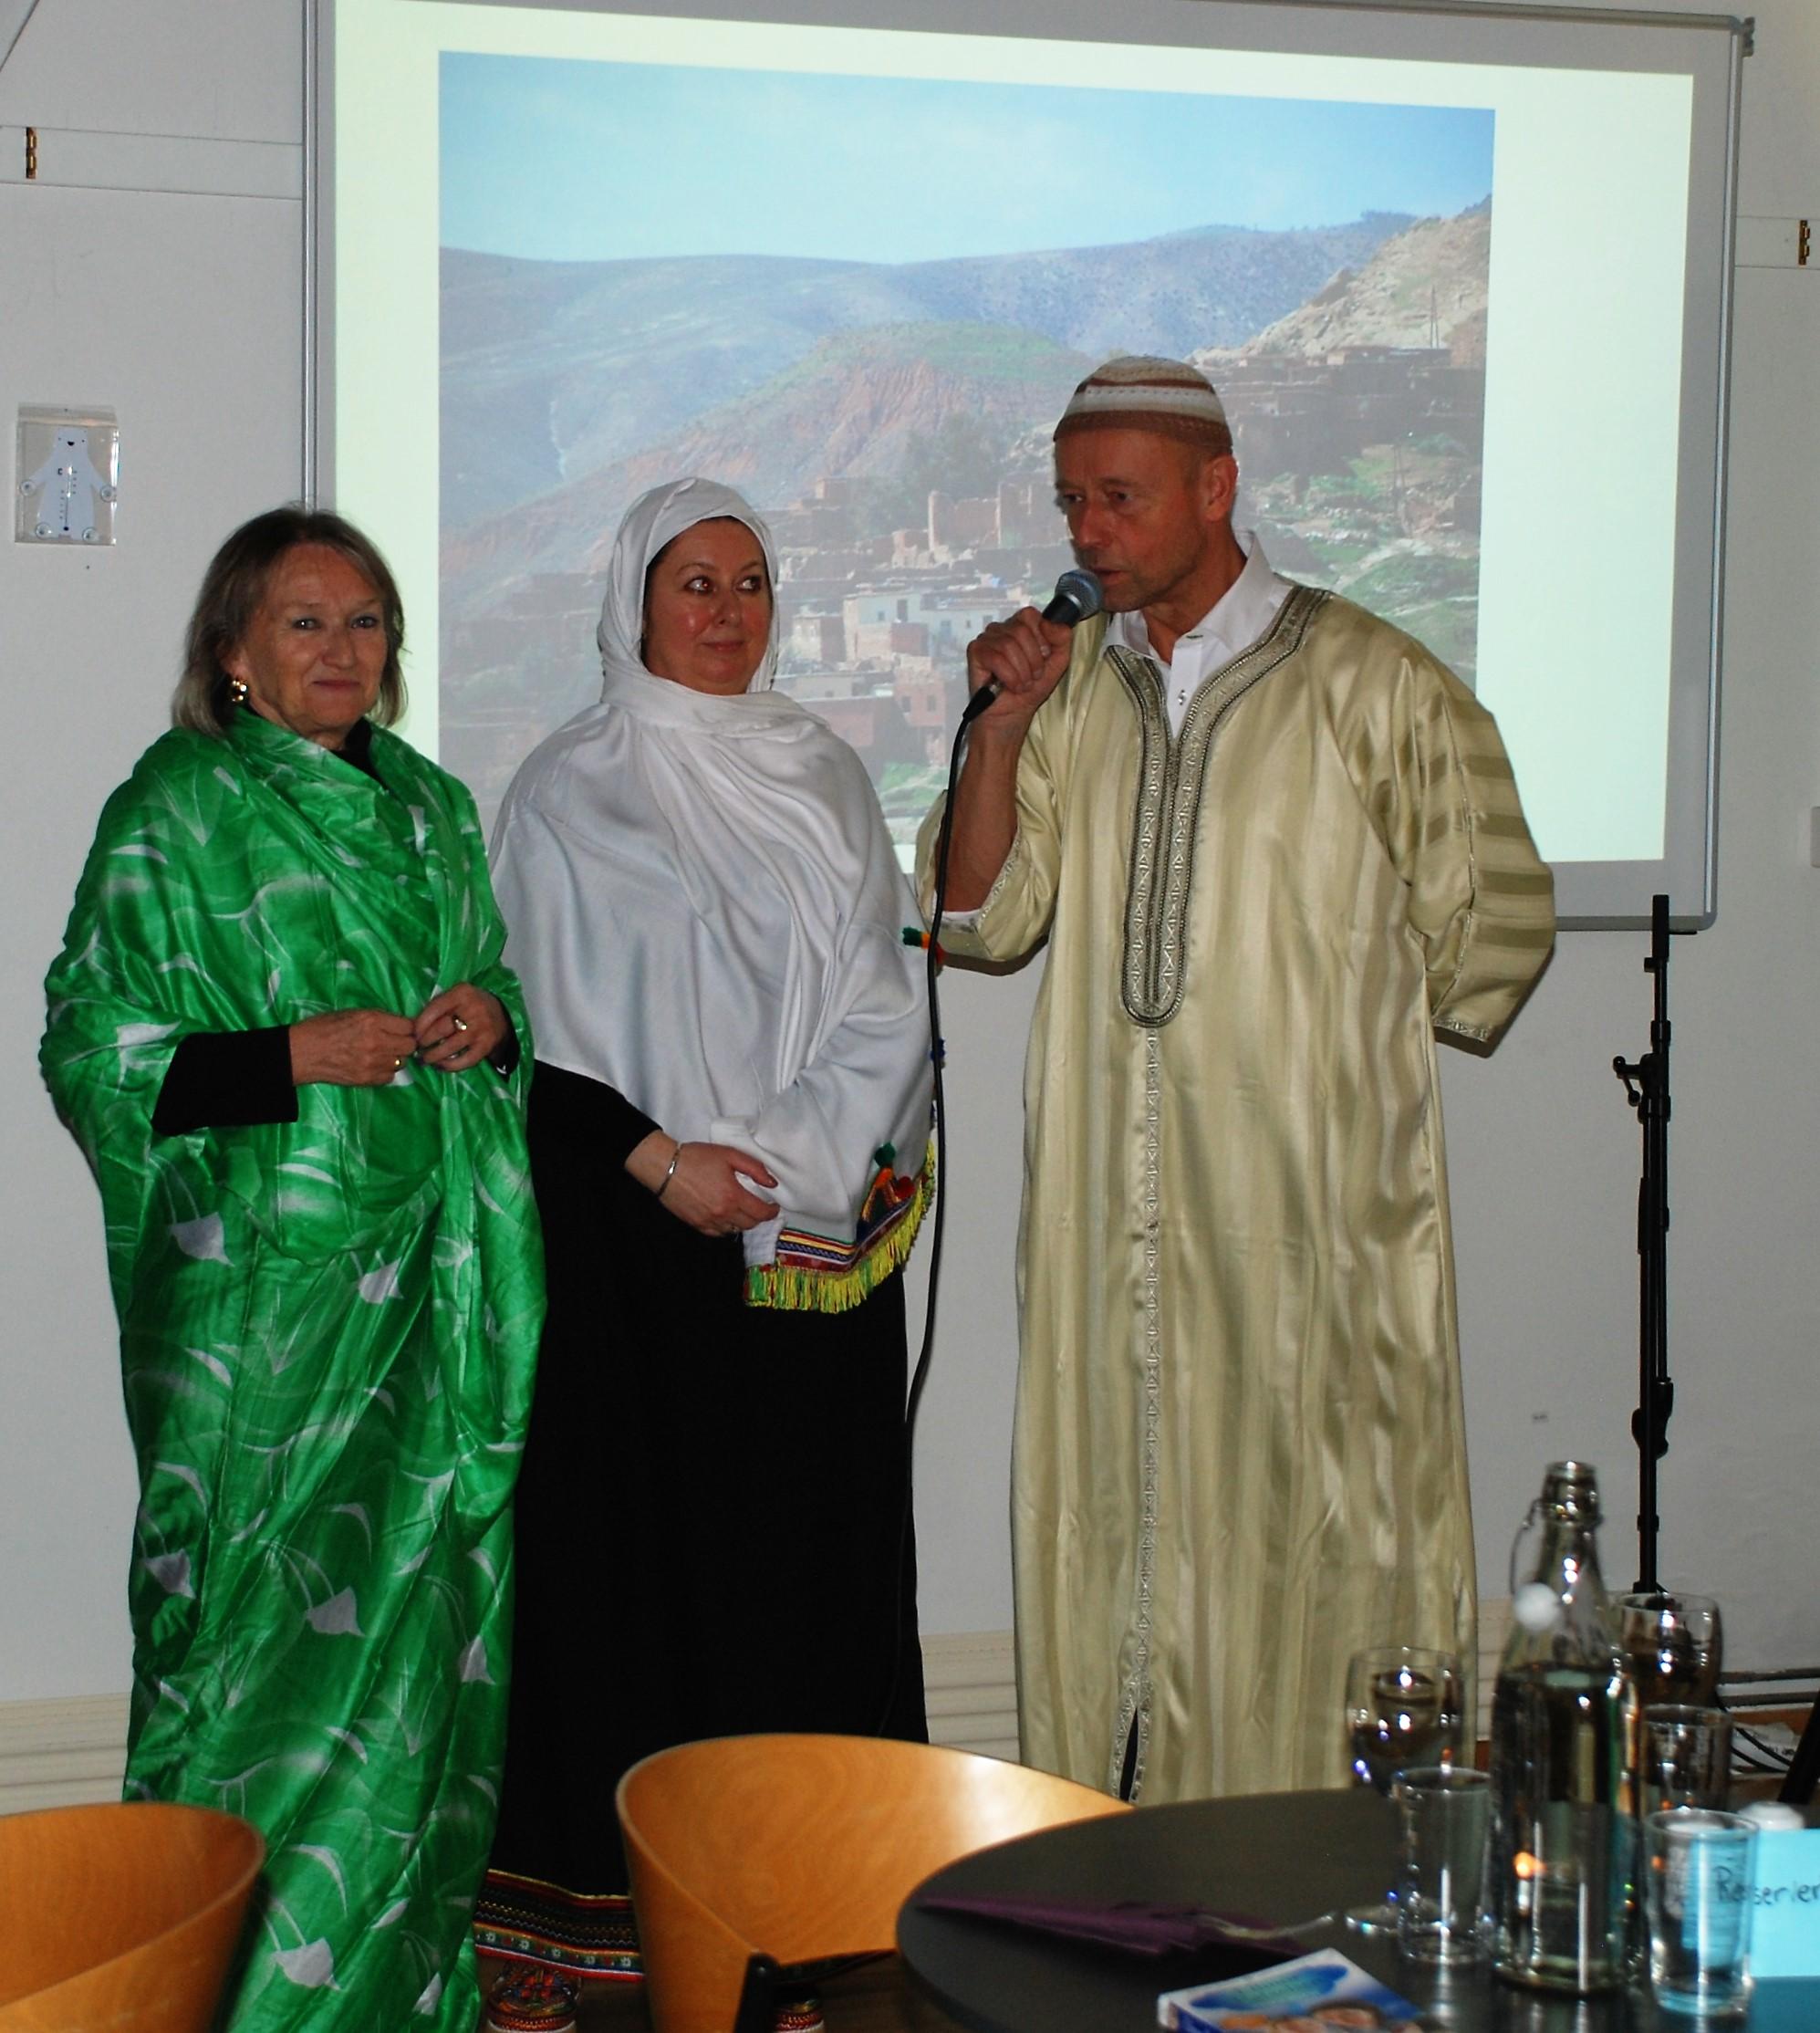 Marokkanske drakter